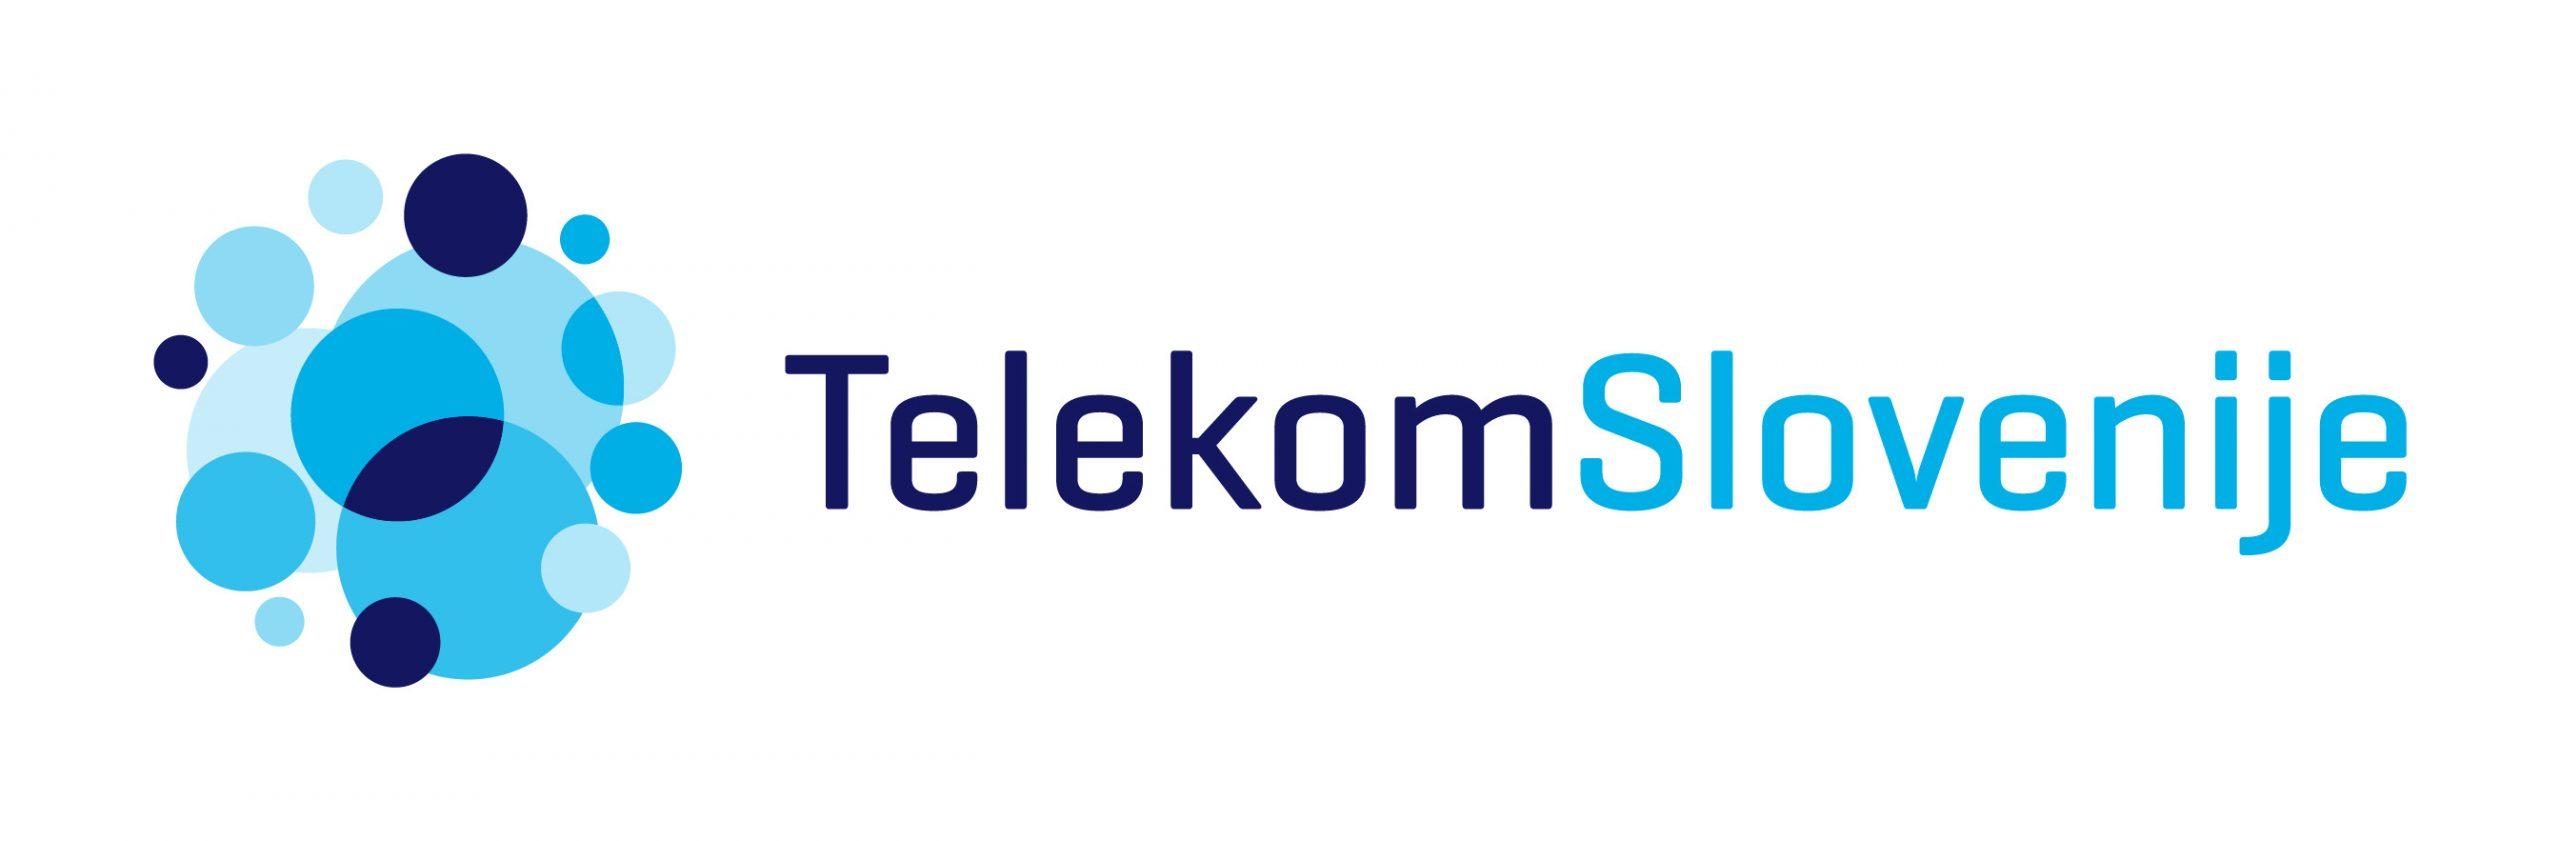 Telekom Slovenije tudi v najnovejši kampanji za poslovne uporabnike nadaljuje uspešno sodelovanje s slovenskimi glasbeniki